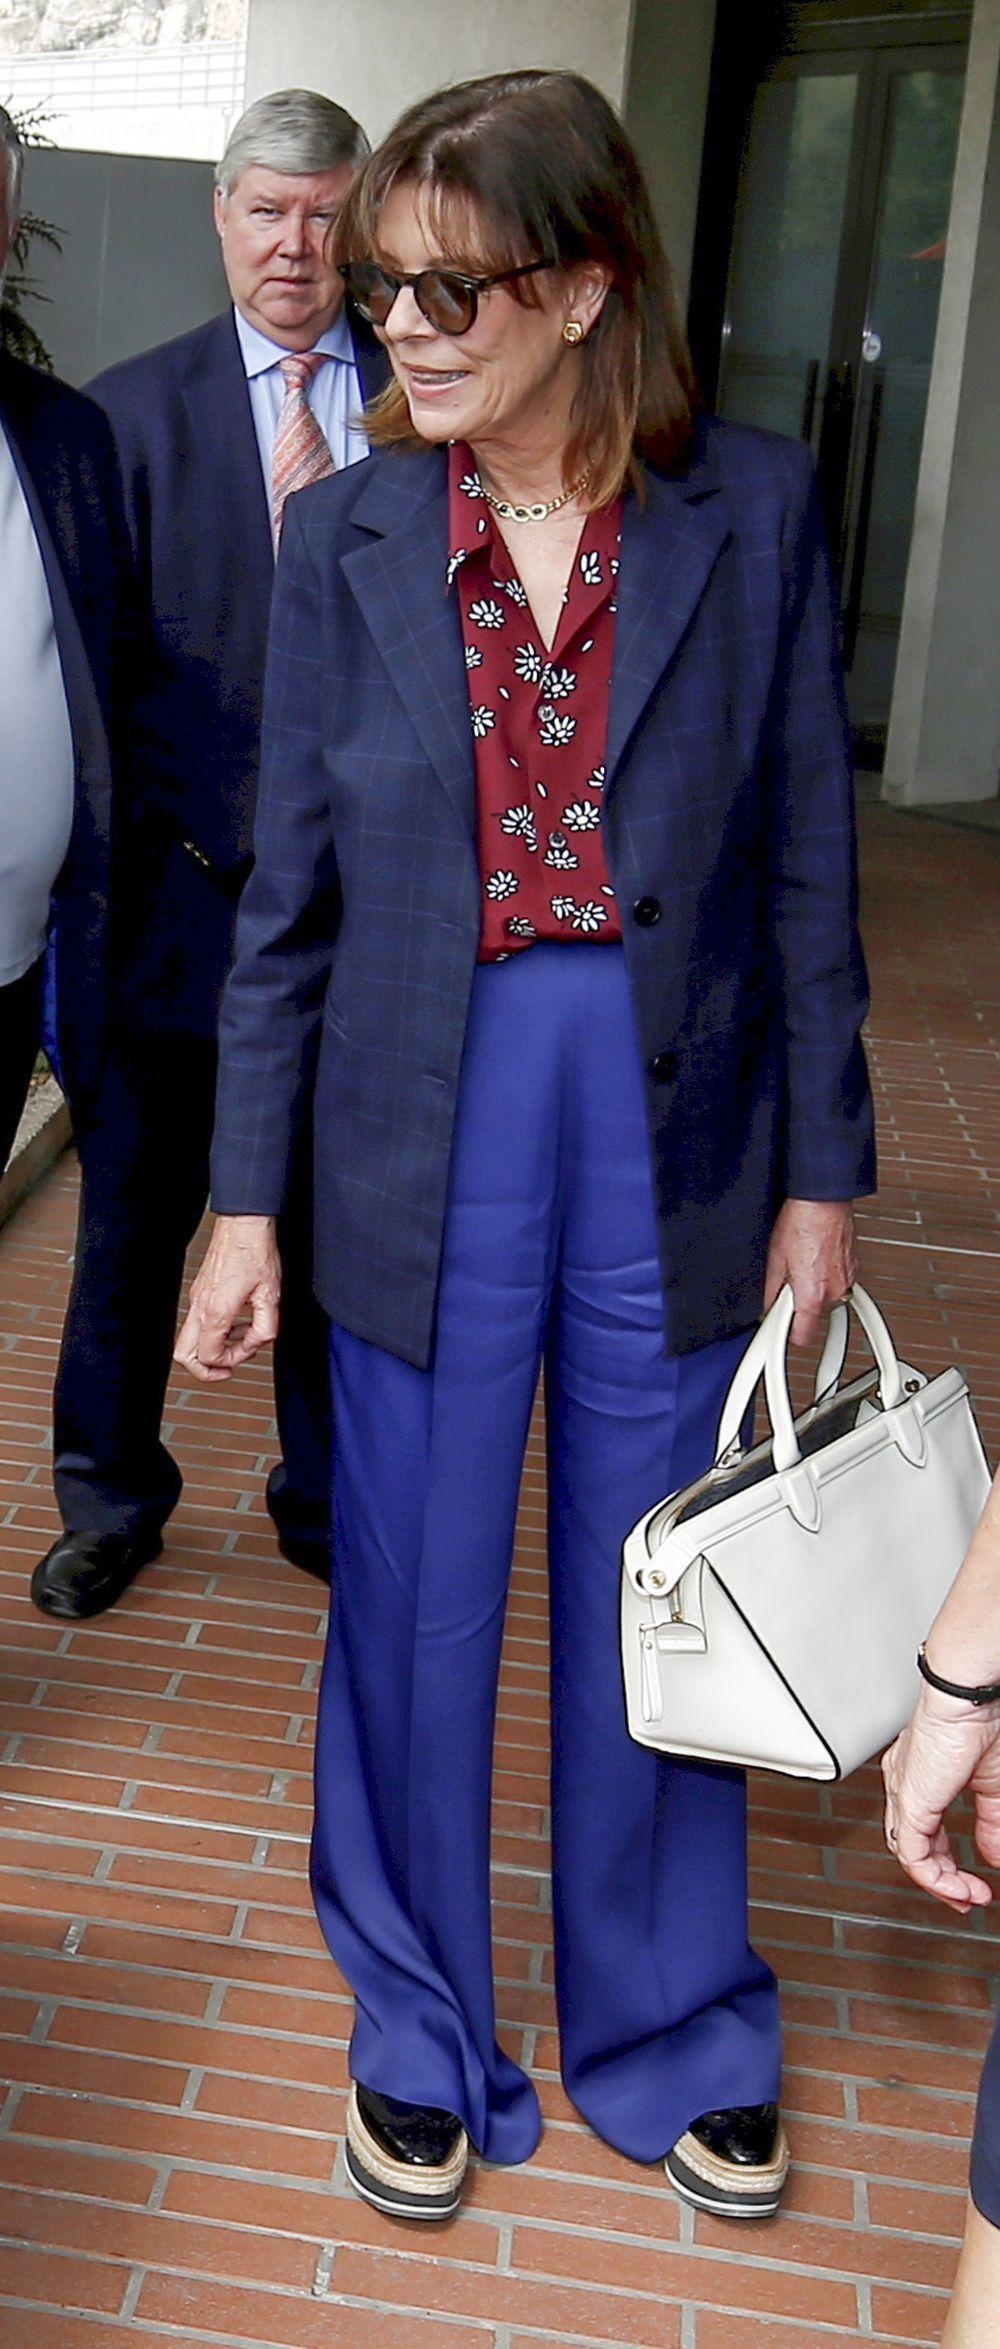 Las claves del look de Carolina De Mónaco: con altas plataformas y panatalones anchos.